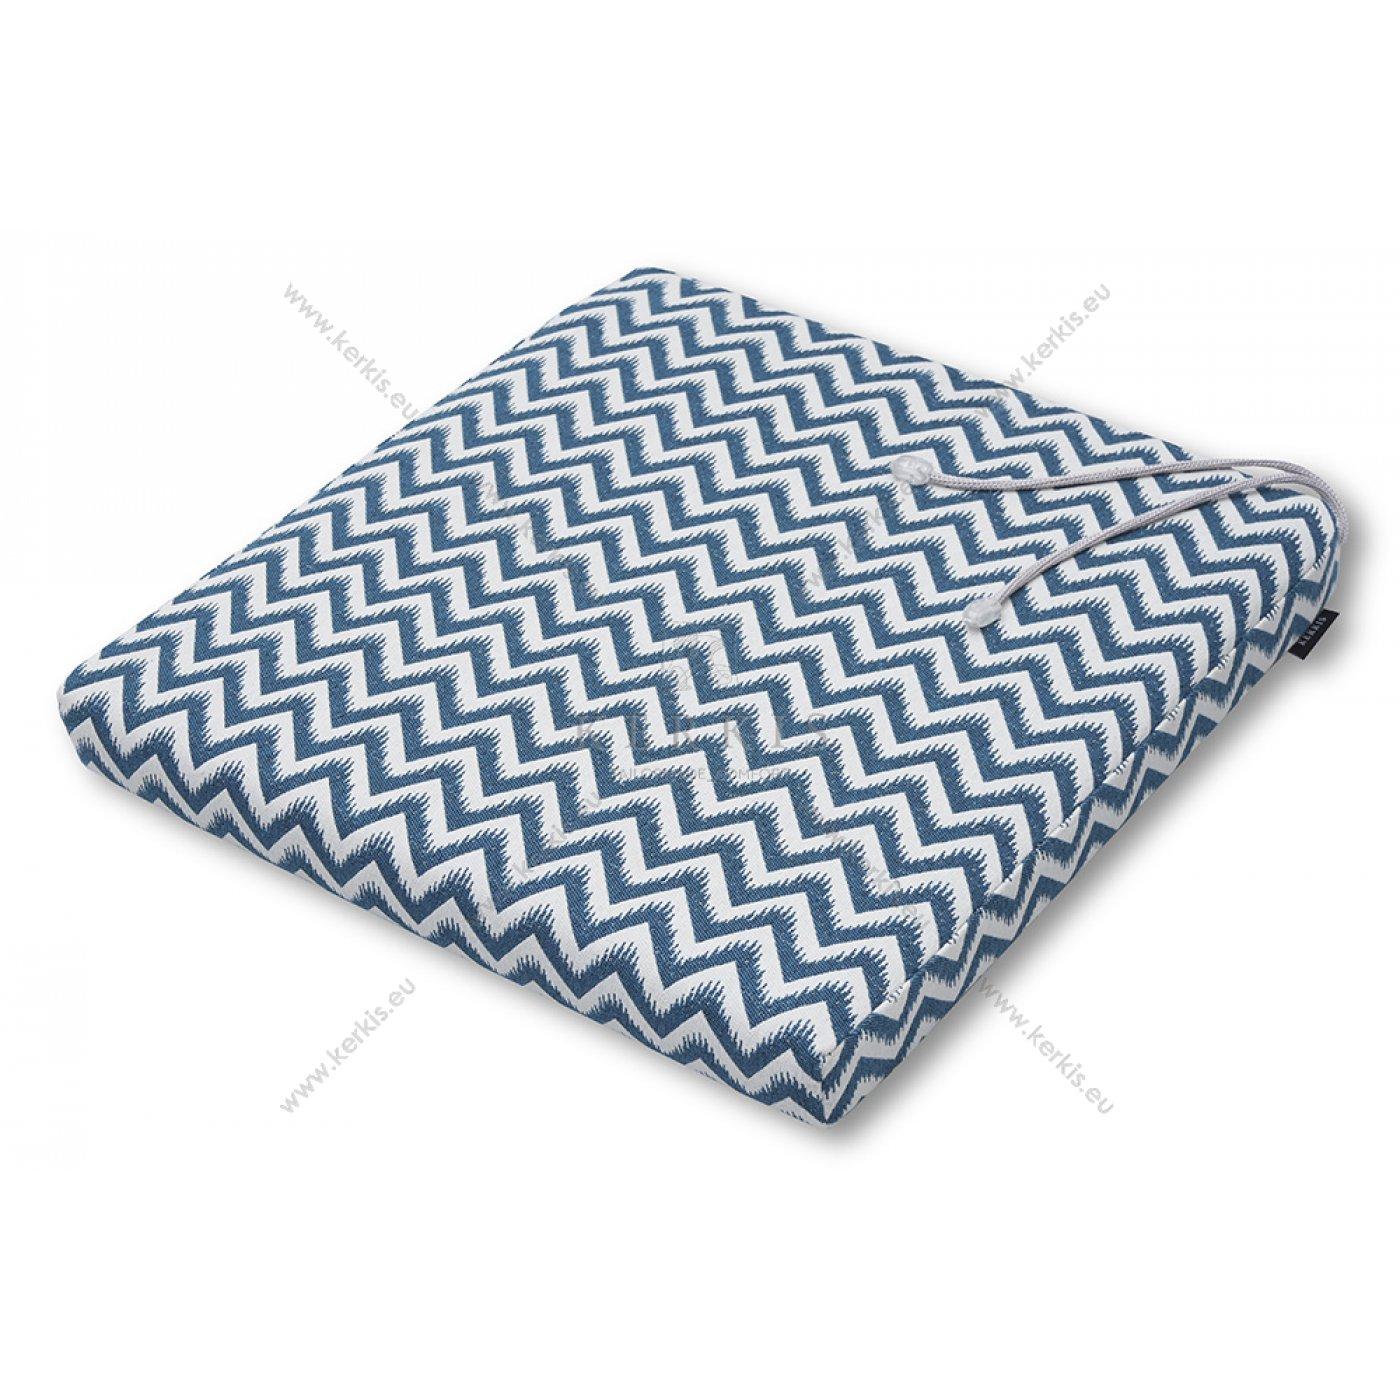 Μαξιλάρι καρέκλας μπλε ζικ-ζακ